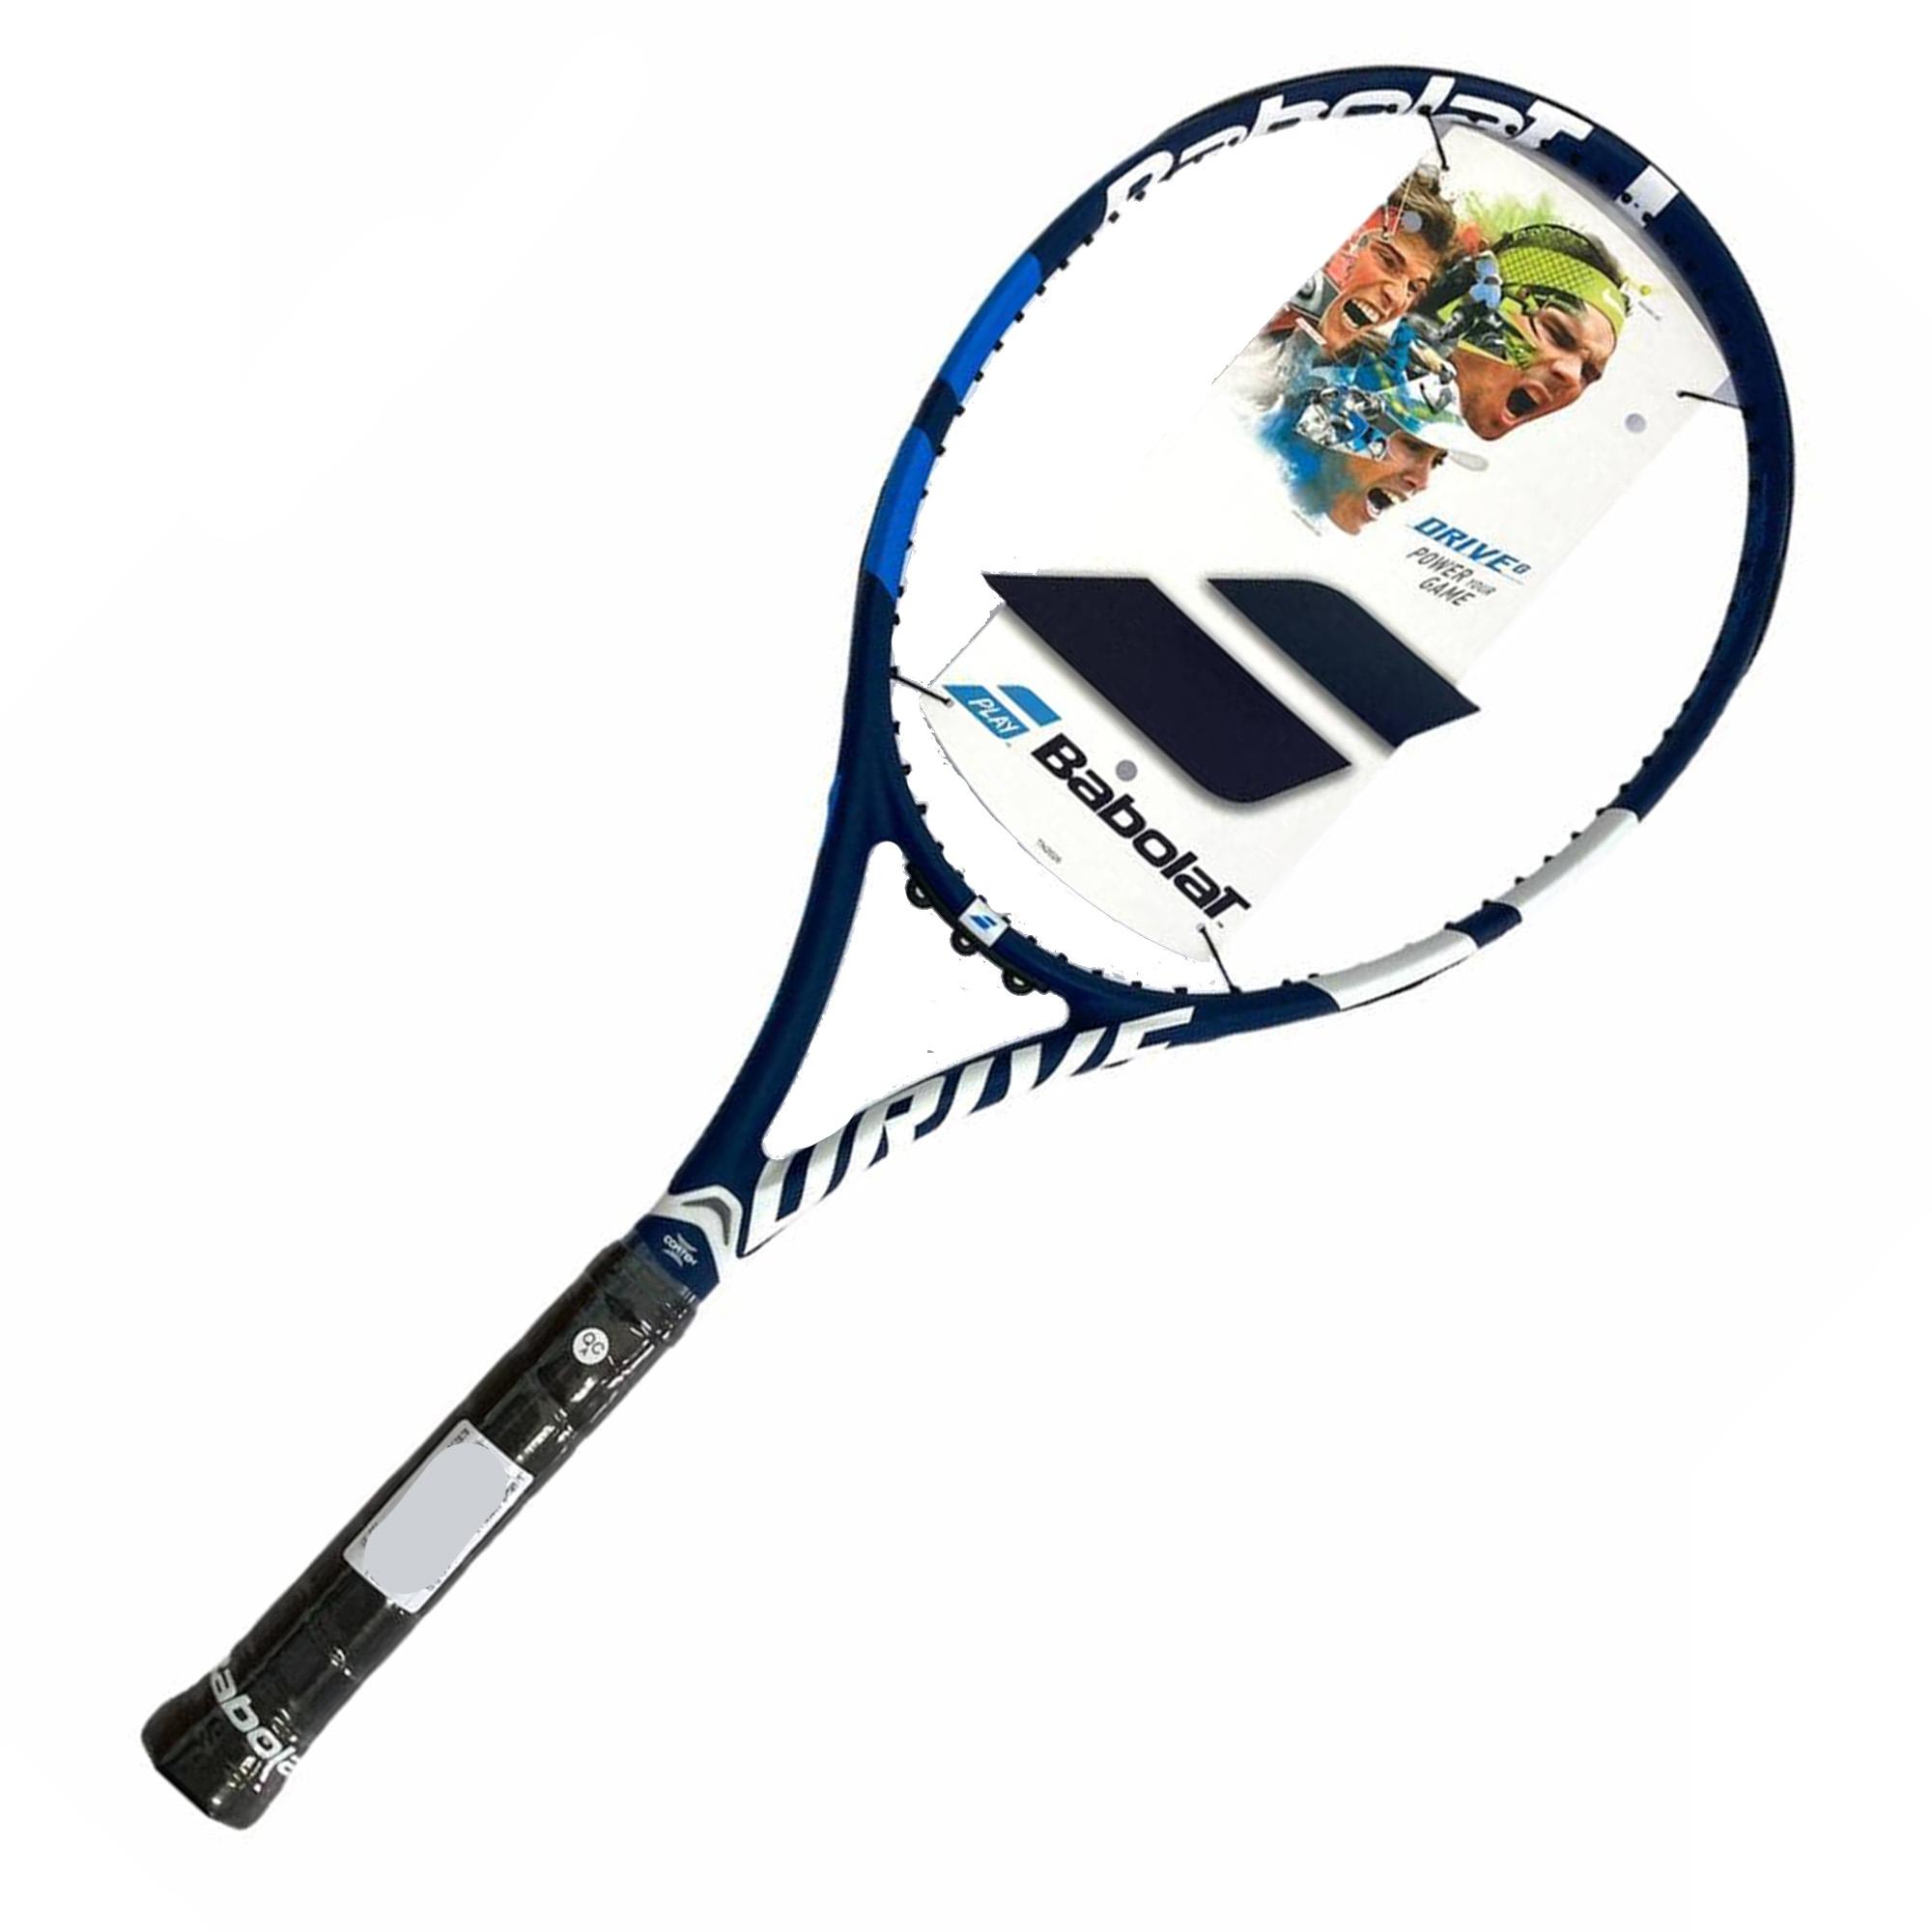 Raquete de Tênis Babolat Drive G Unstrung + 2021